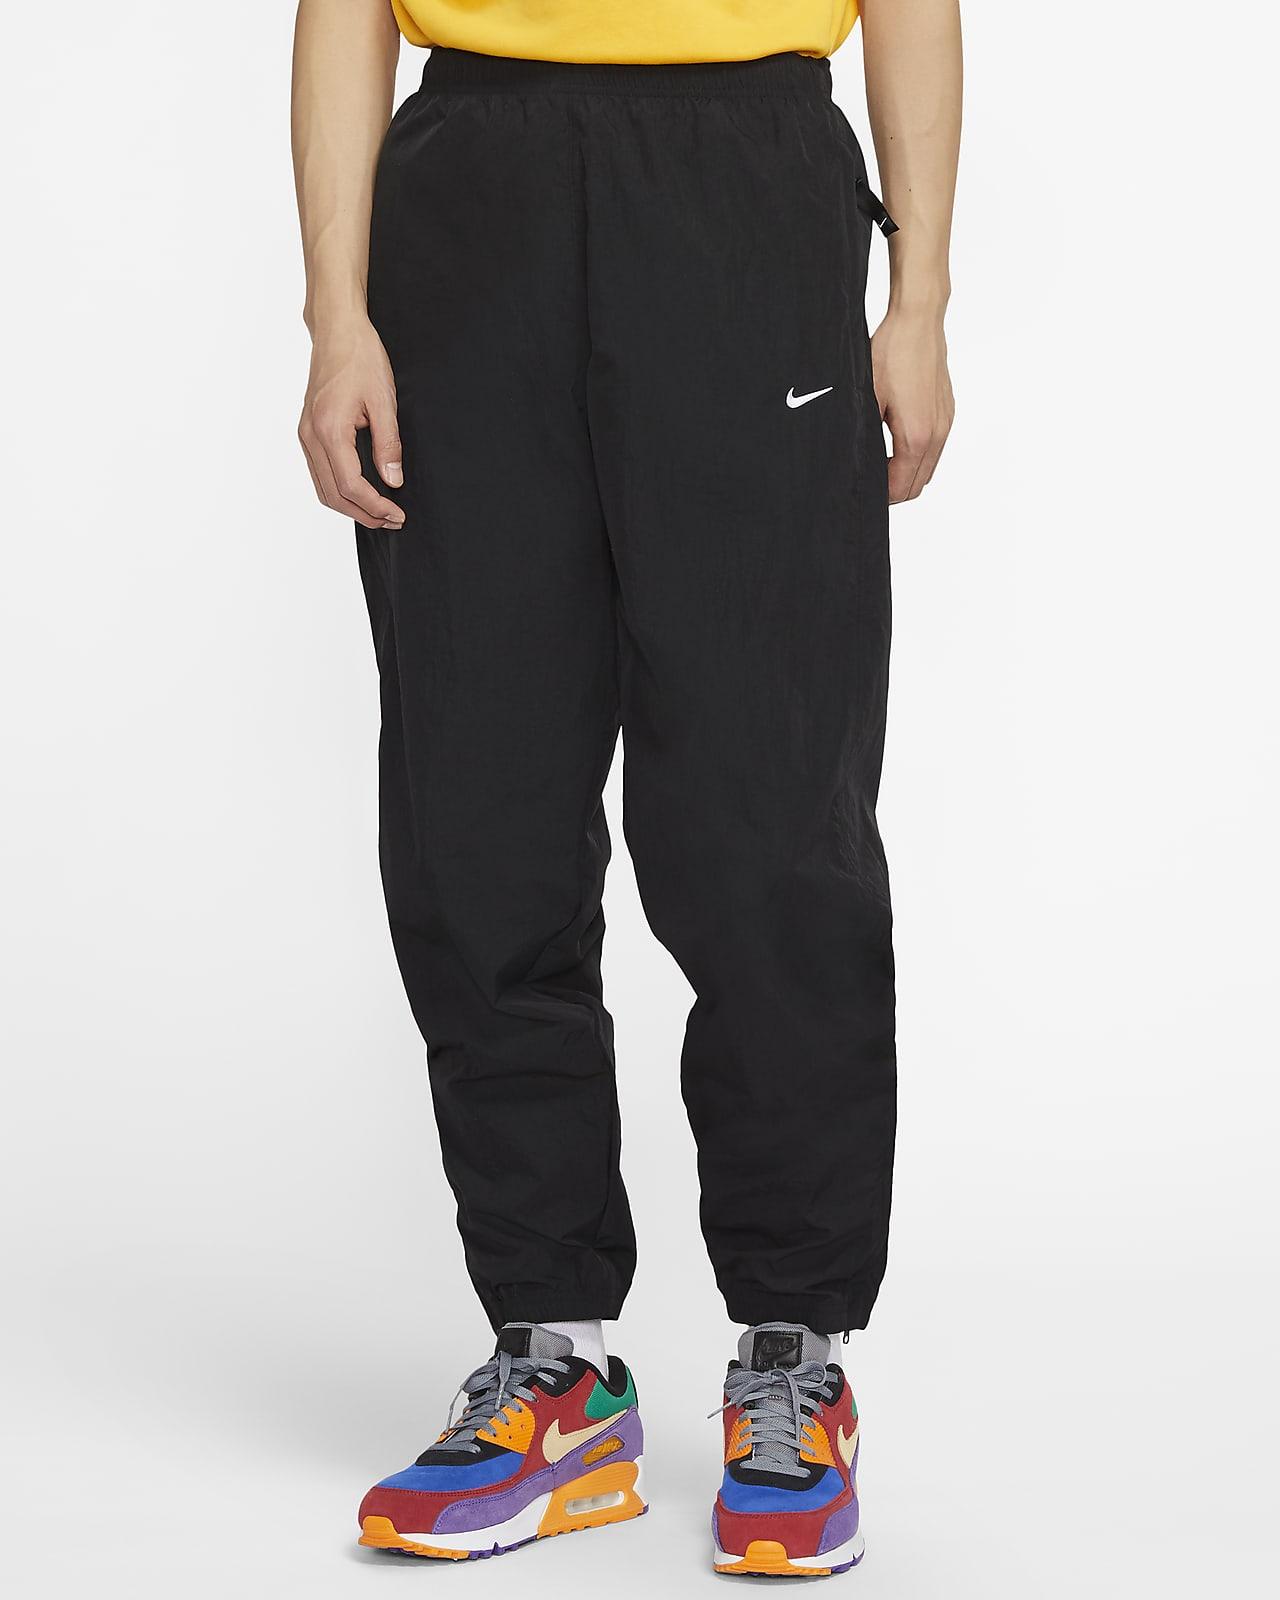 NikeLab Men's Tracksuit Bottoms